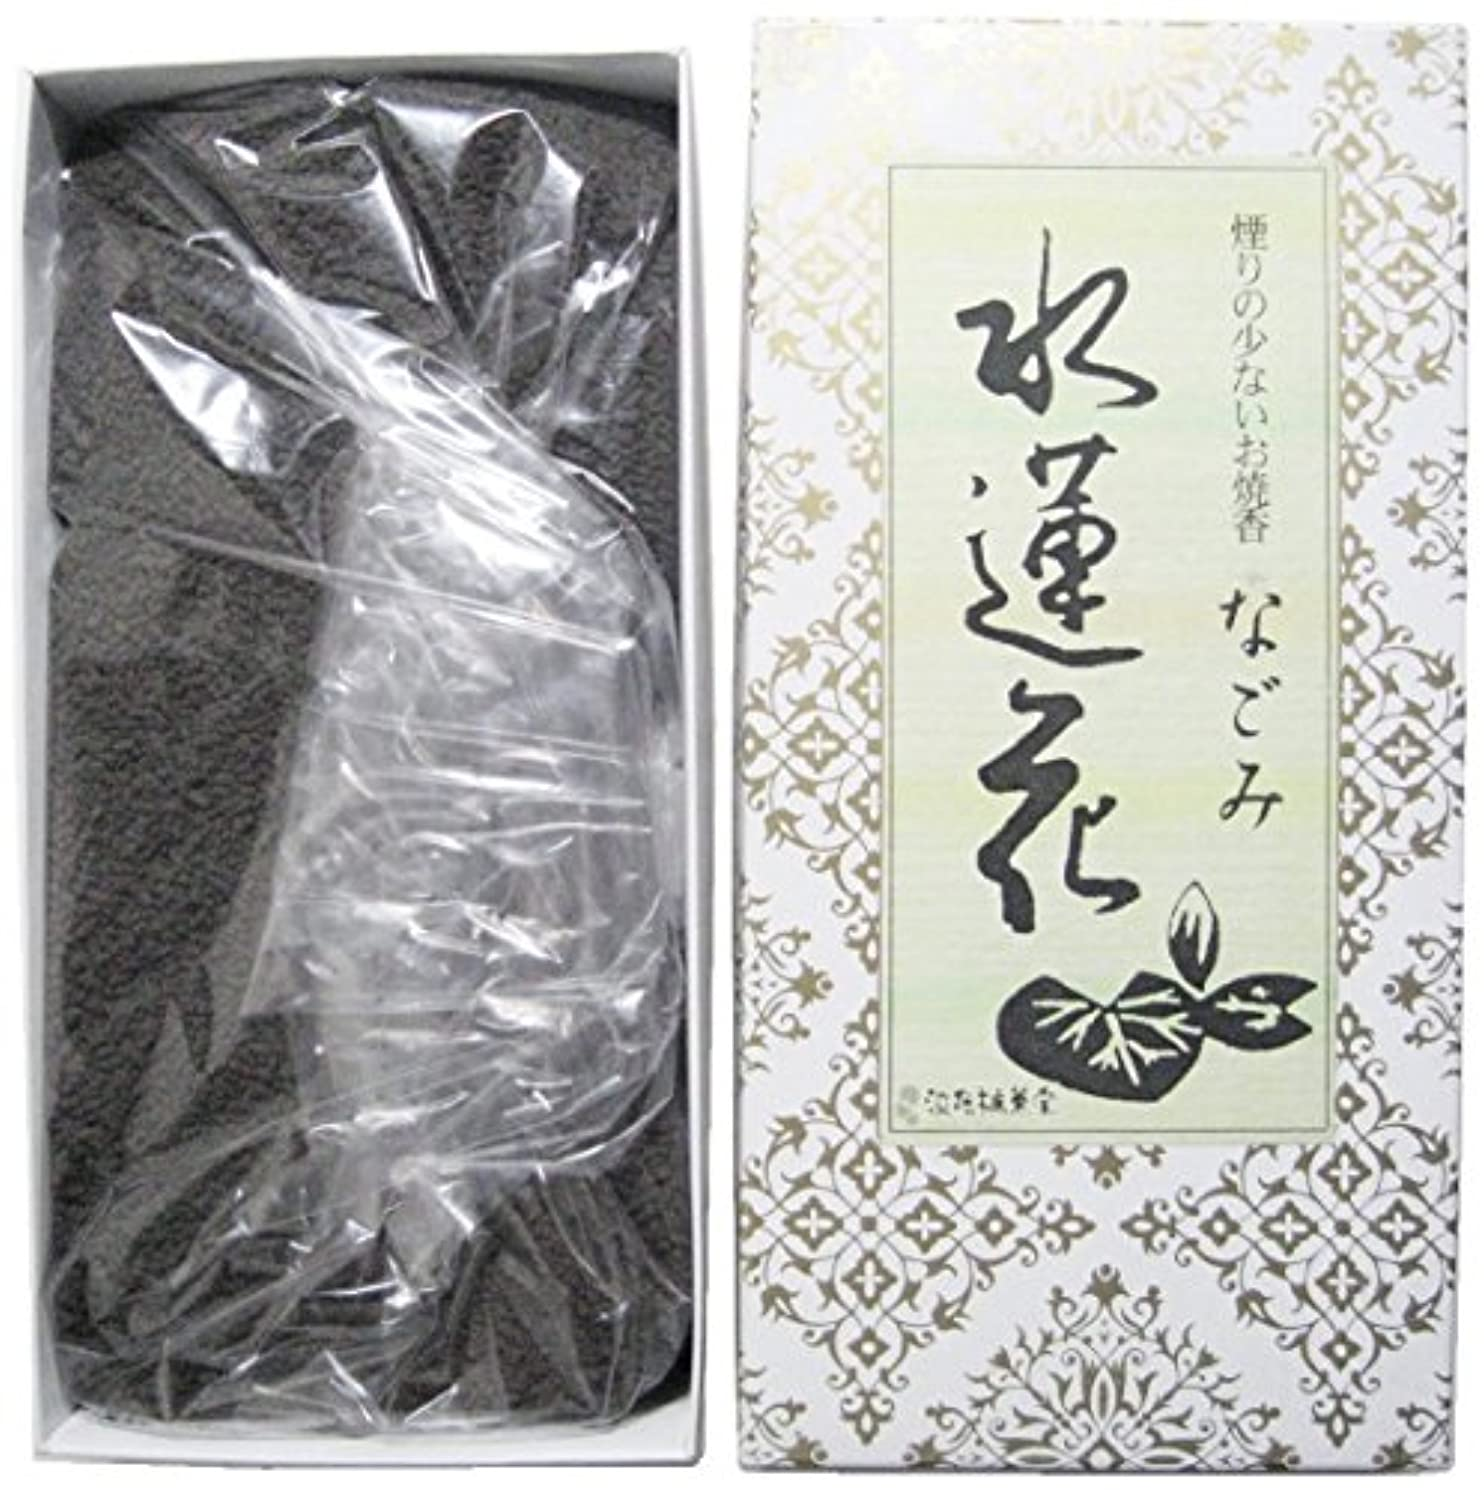 反映する添加剤集中淡路梅薫堂の煙の少ないお焼香 なごみ 水蓮花 500g #931 お焼香用 けむりの少ないお香